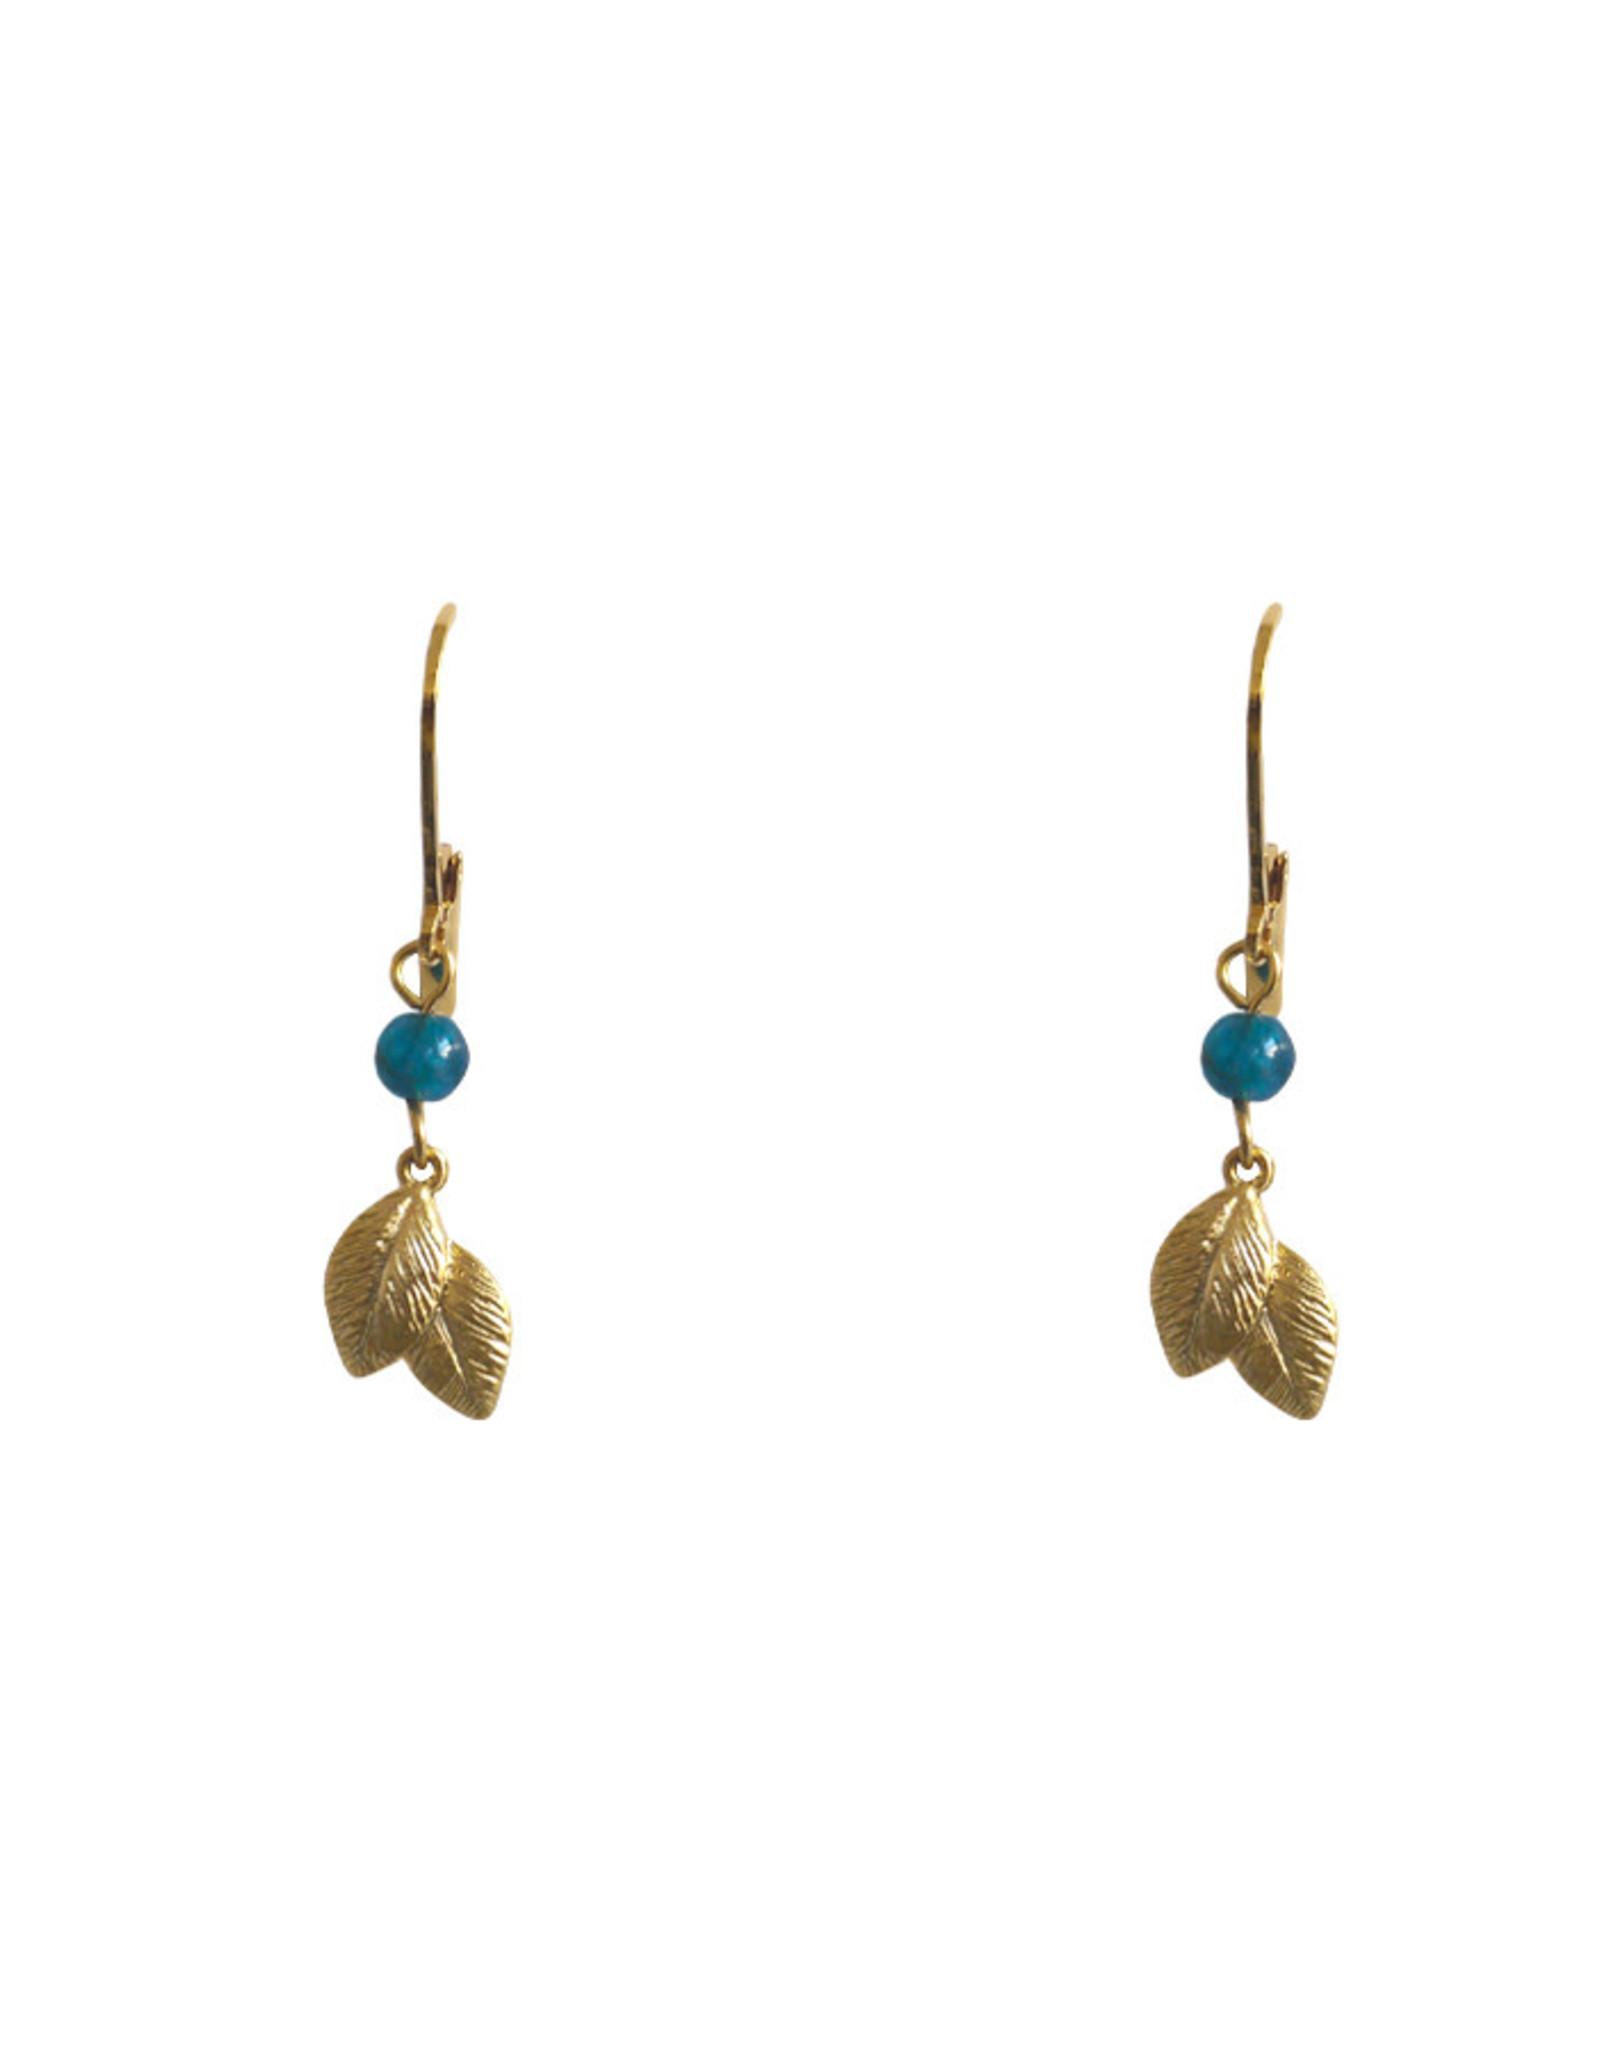 Lost & Faune Boucles d'oreilles - Tombée de feuilles or - Apatite verte